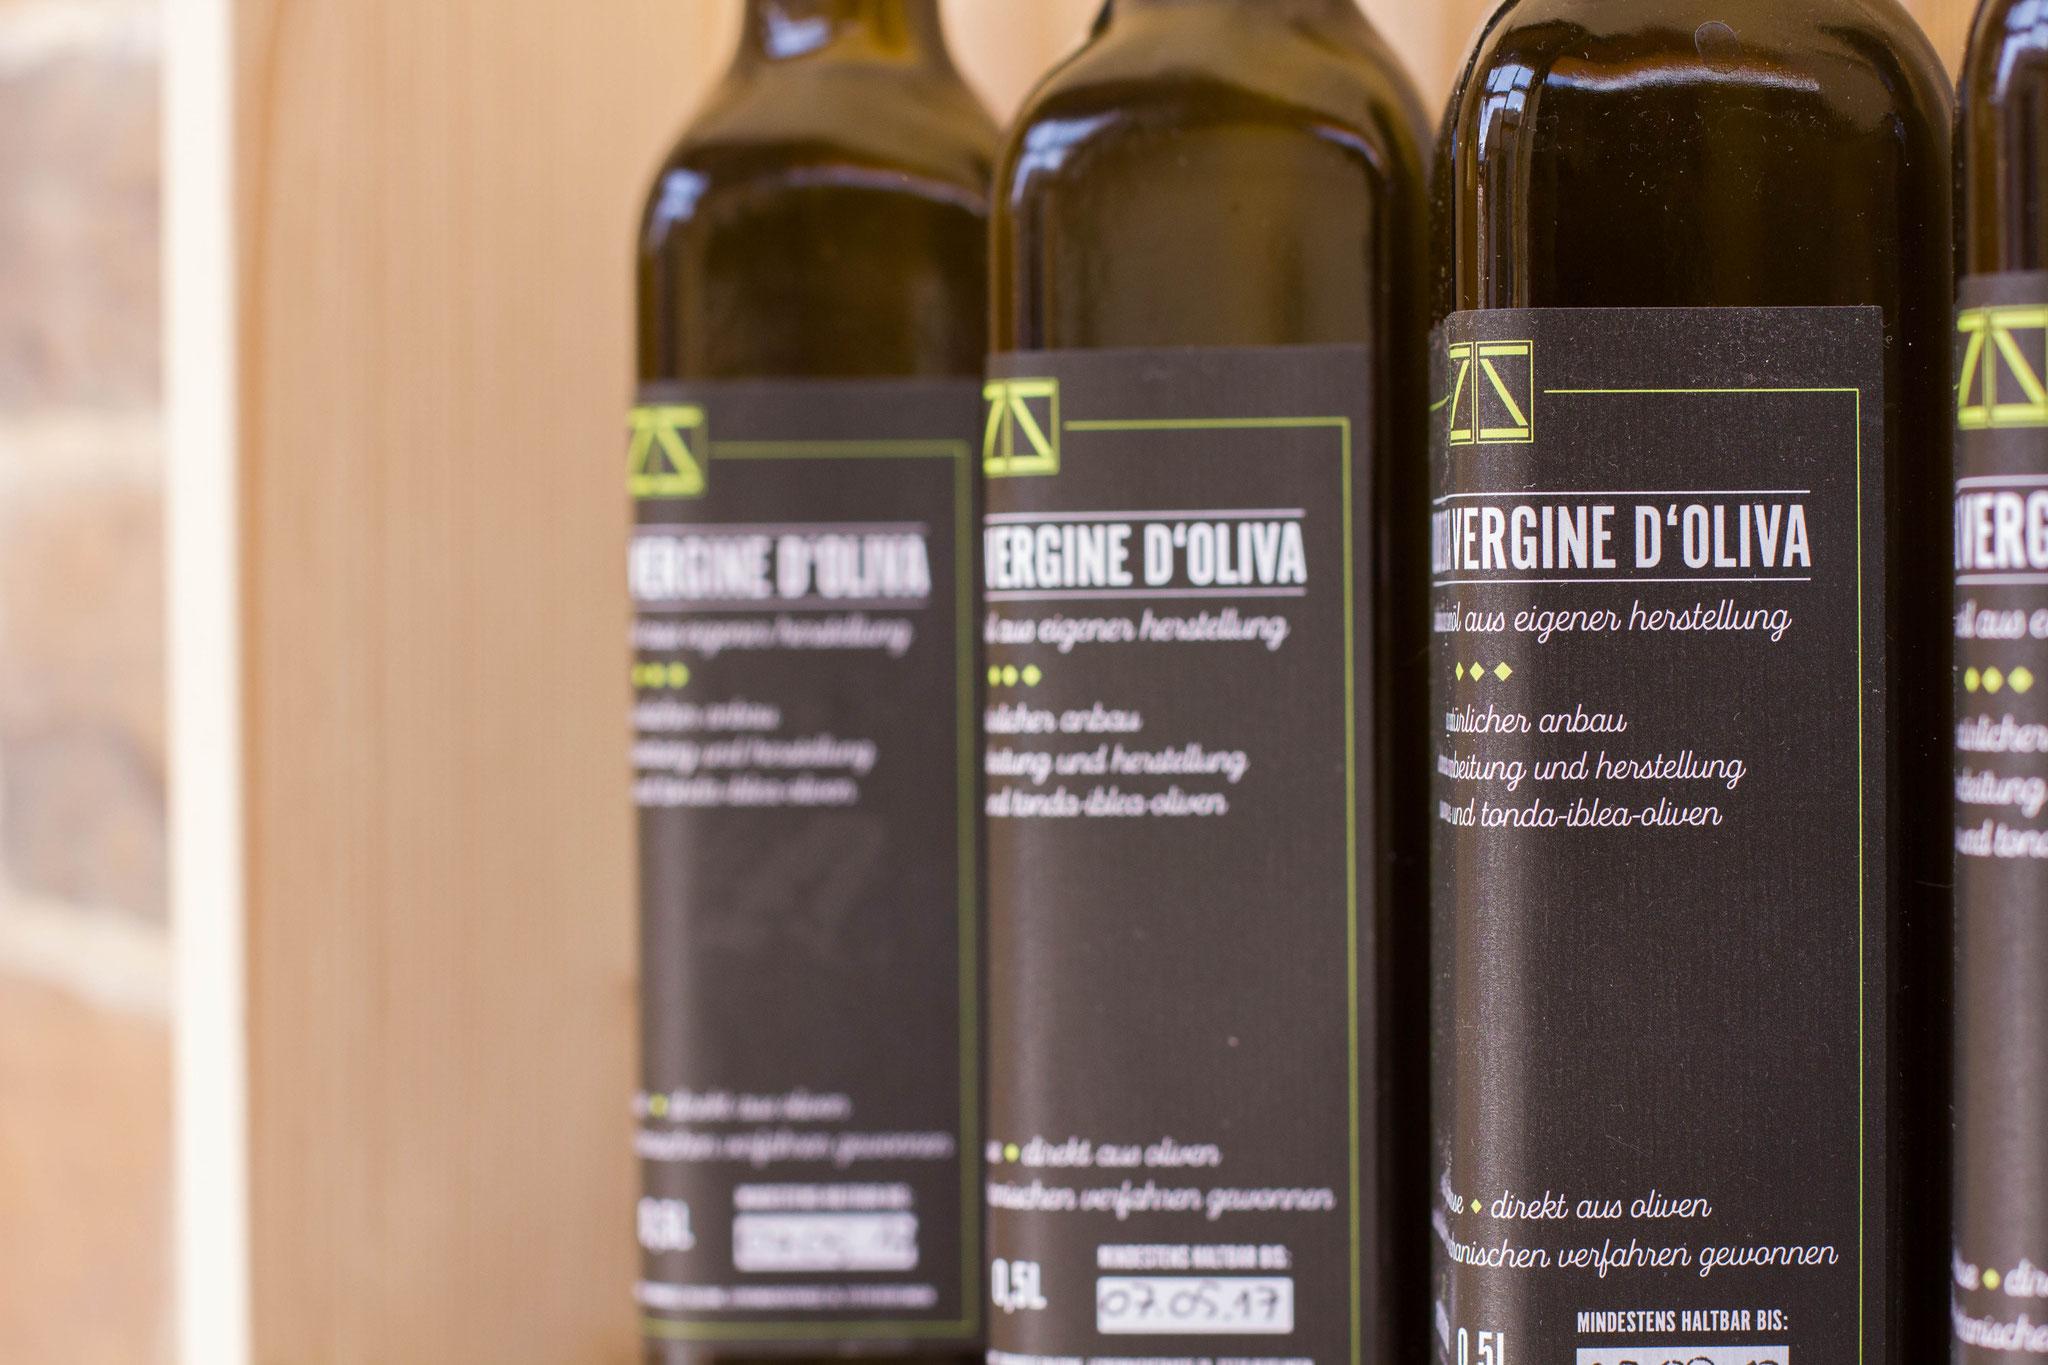 Unser eigenes Olivenöl, die Bäume befinden sich in den Monte Iblei auf Sizilien- ganz natürlich und ohne Hilfsmittel und Zusätze hergestellt in Handarbeit